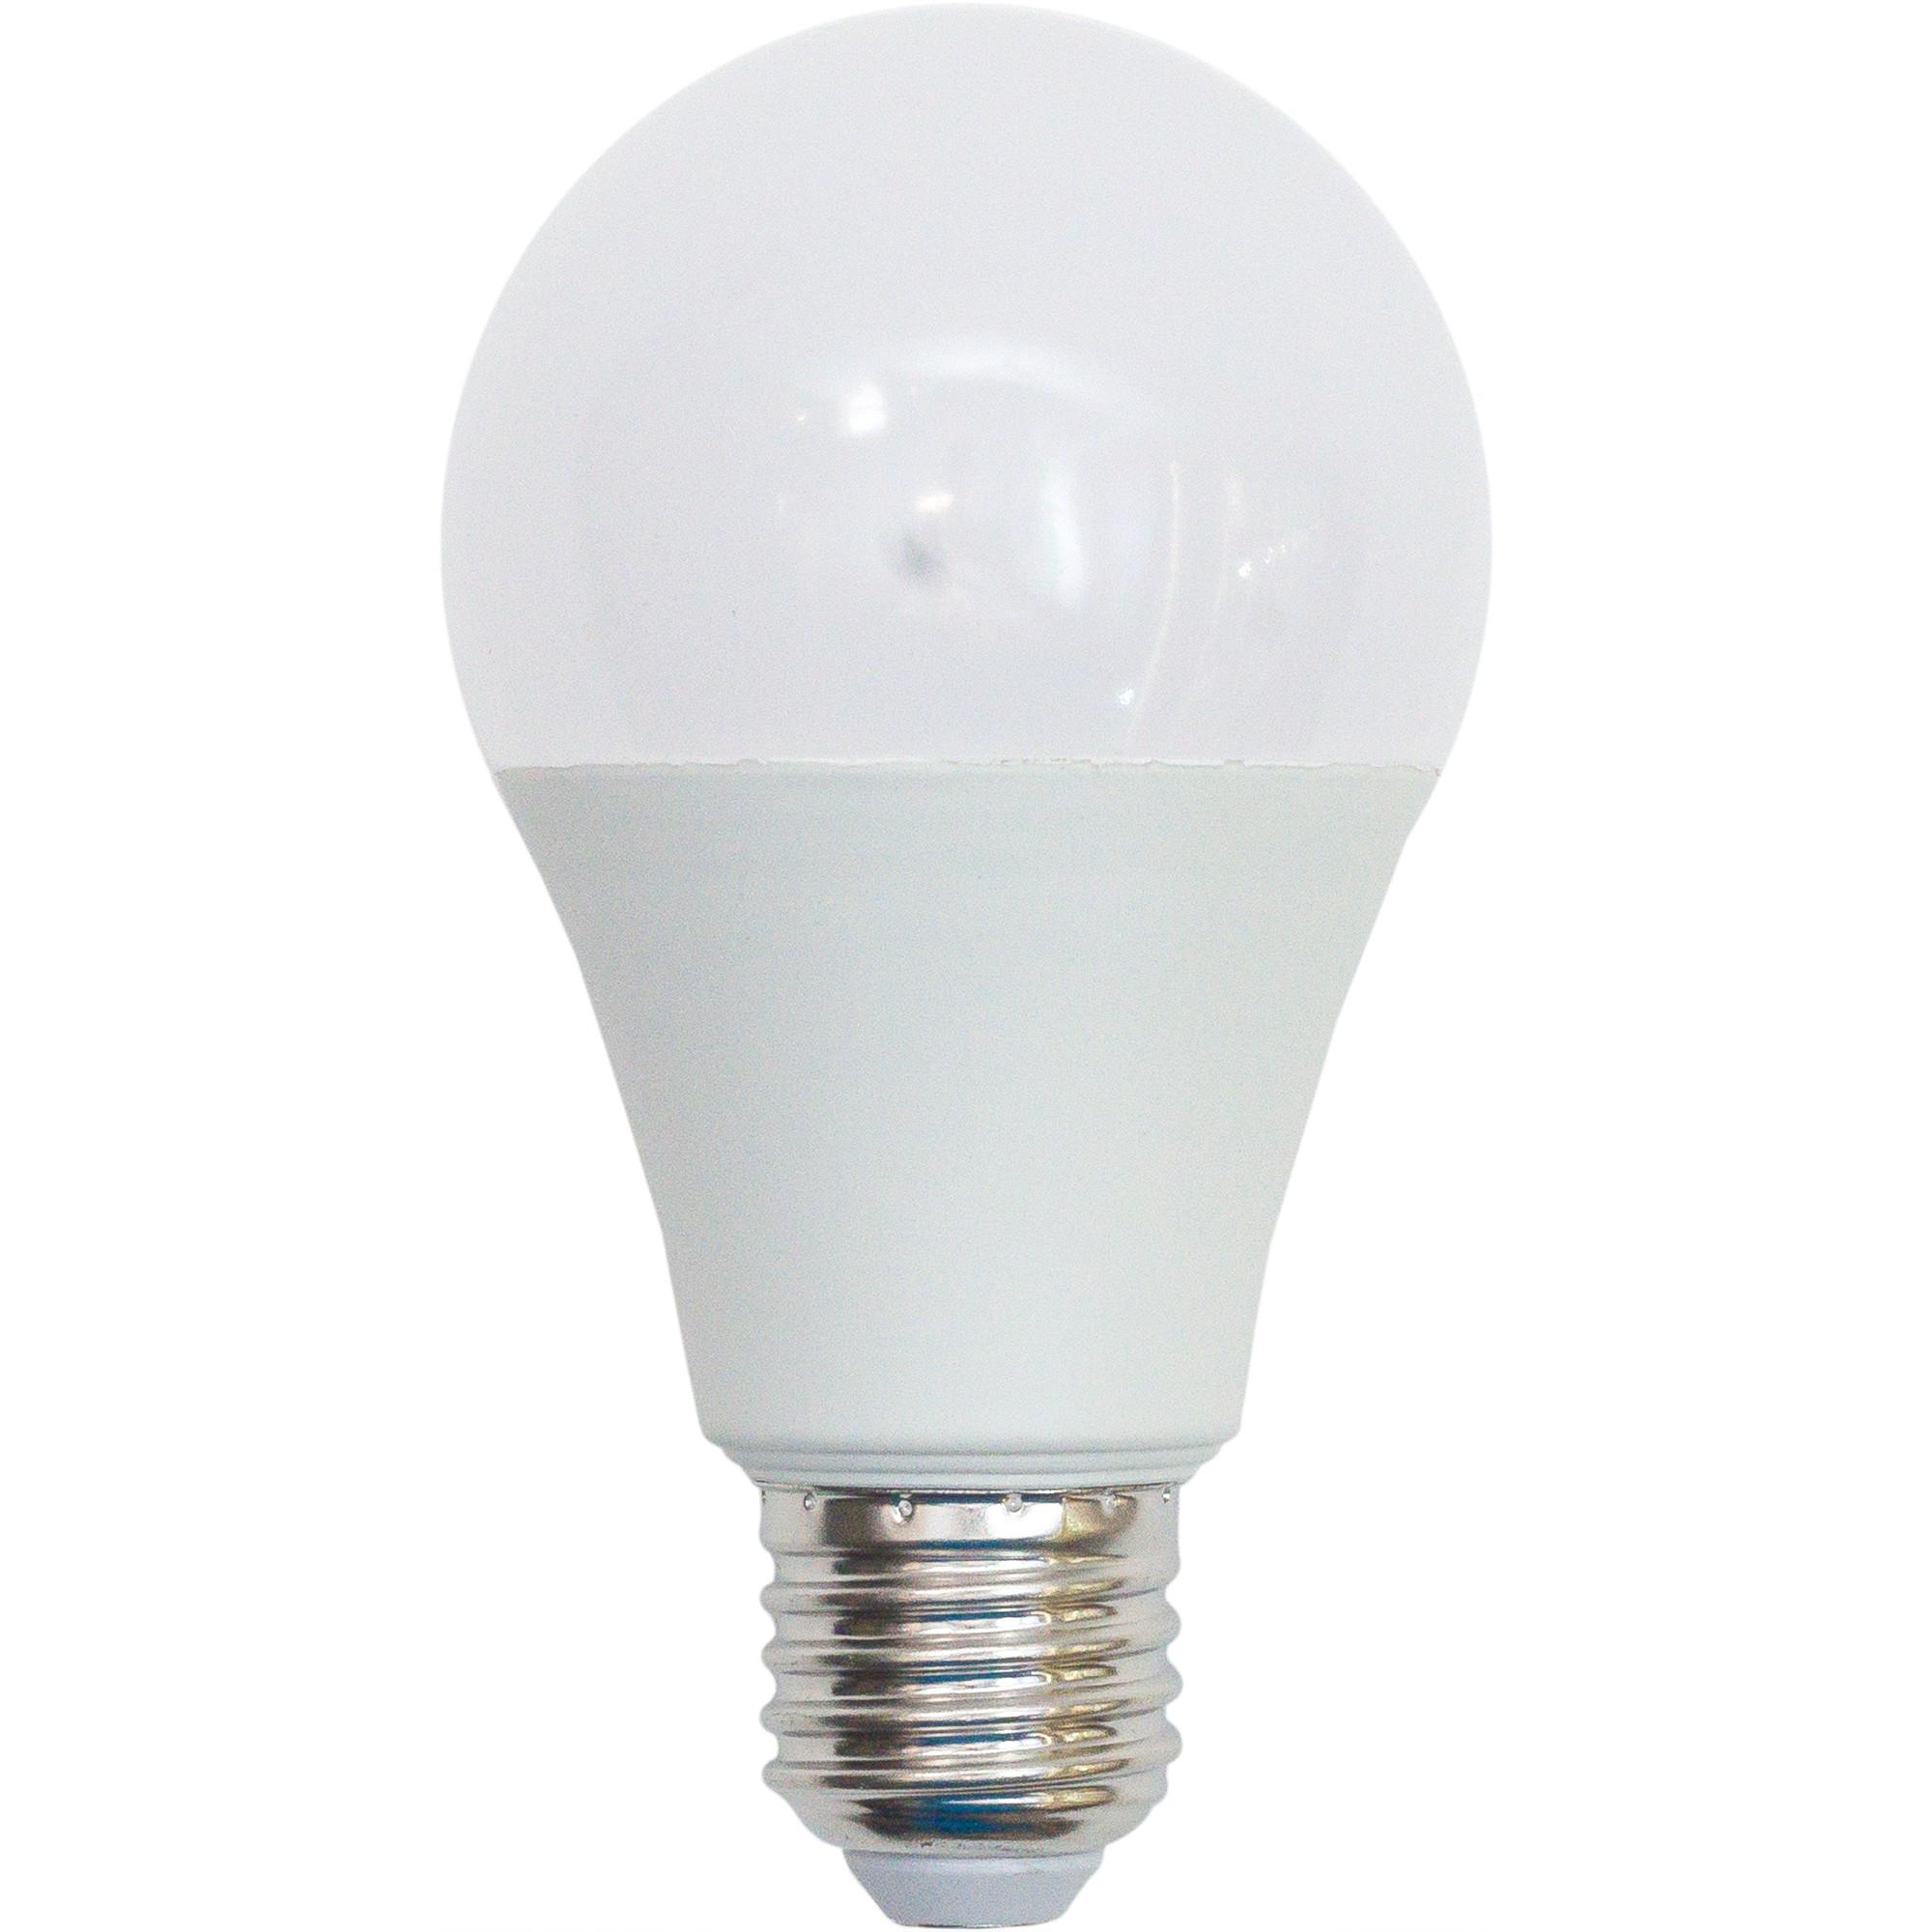 Лампа светодиодная Norma E27 170-240 В 20 Вт груша 1750 лм тёплый белый свет